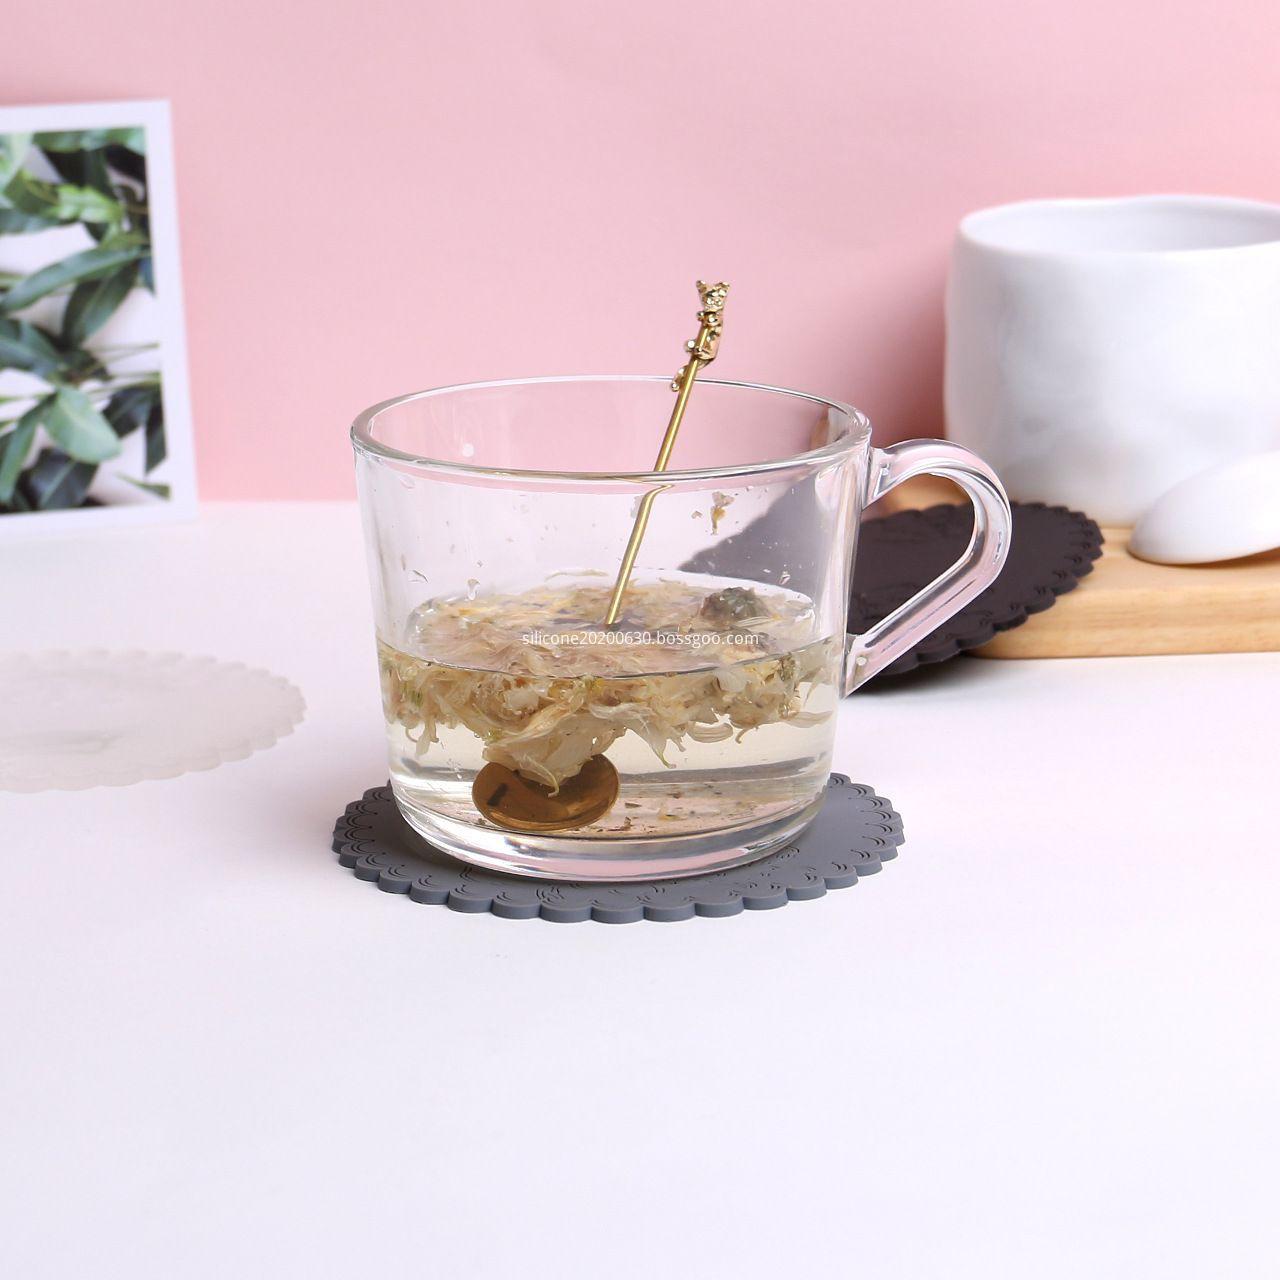 silicon mug coaster